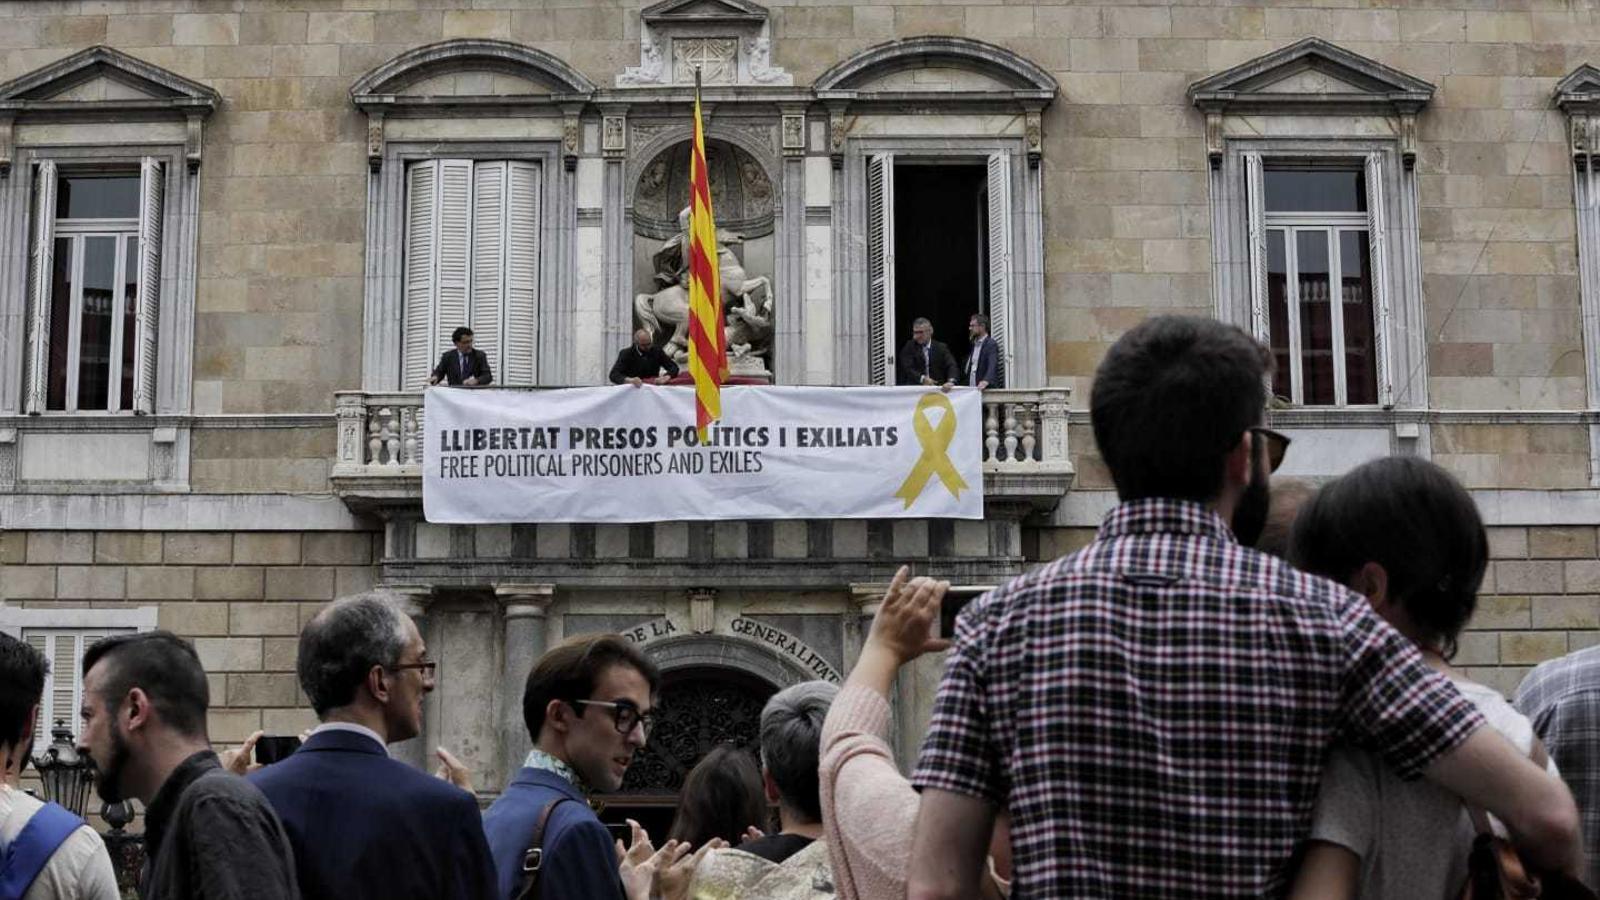 La Junta Electoral dona 48 hores a Torra per retirar els llaços grocs dels edificis públics